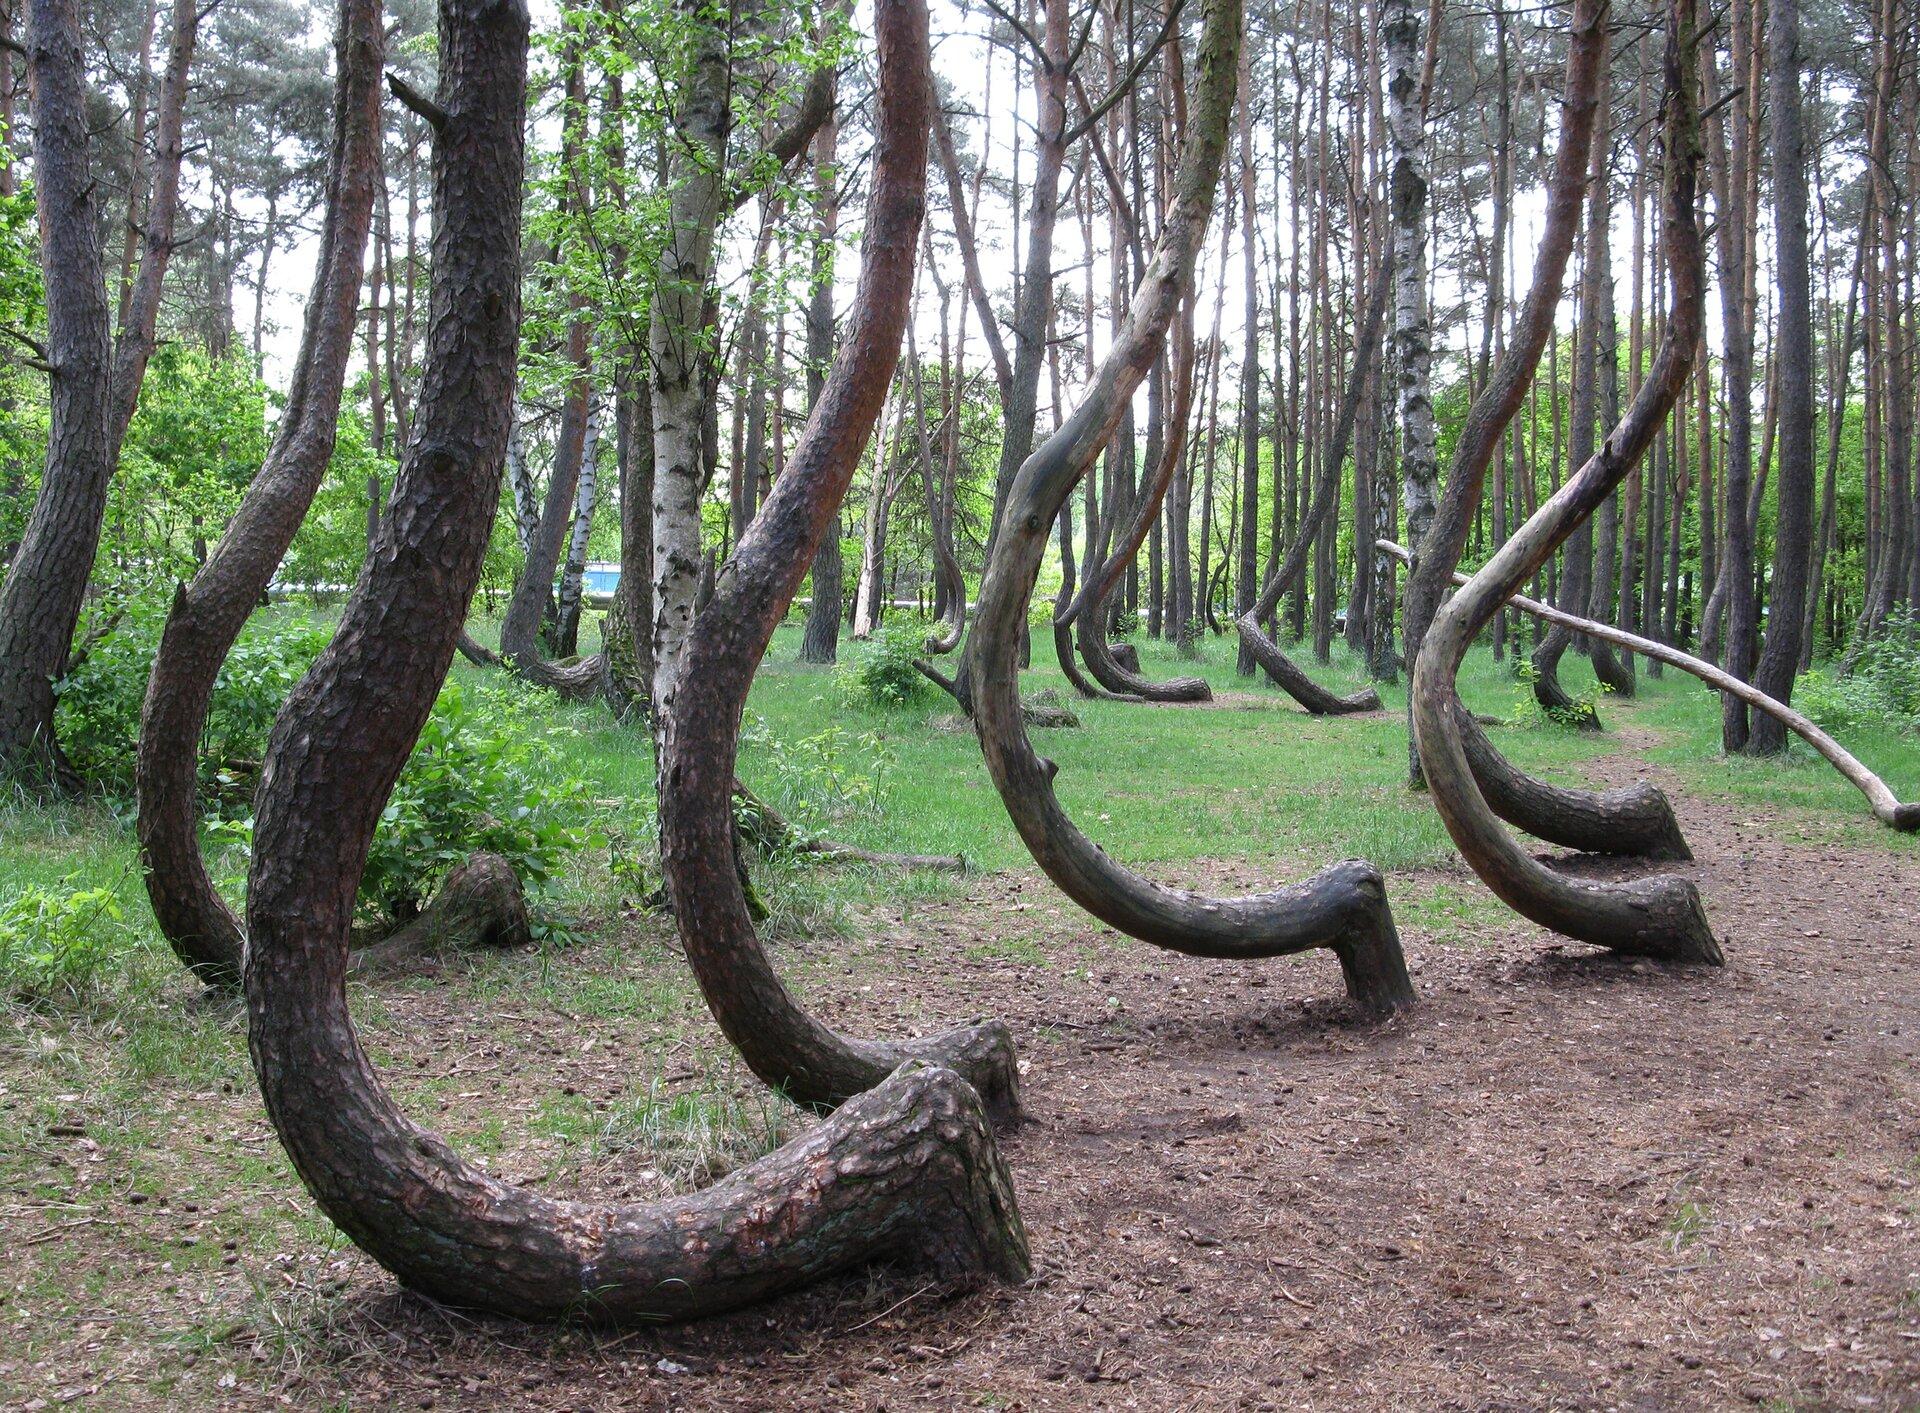 Krzywy Las wNowym Czarnowie Krzywy Las wNowym Czarnowie Źródło: Rzuwig, licencja: CC BY-SA 3.0.